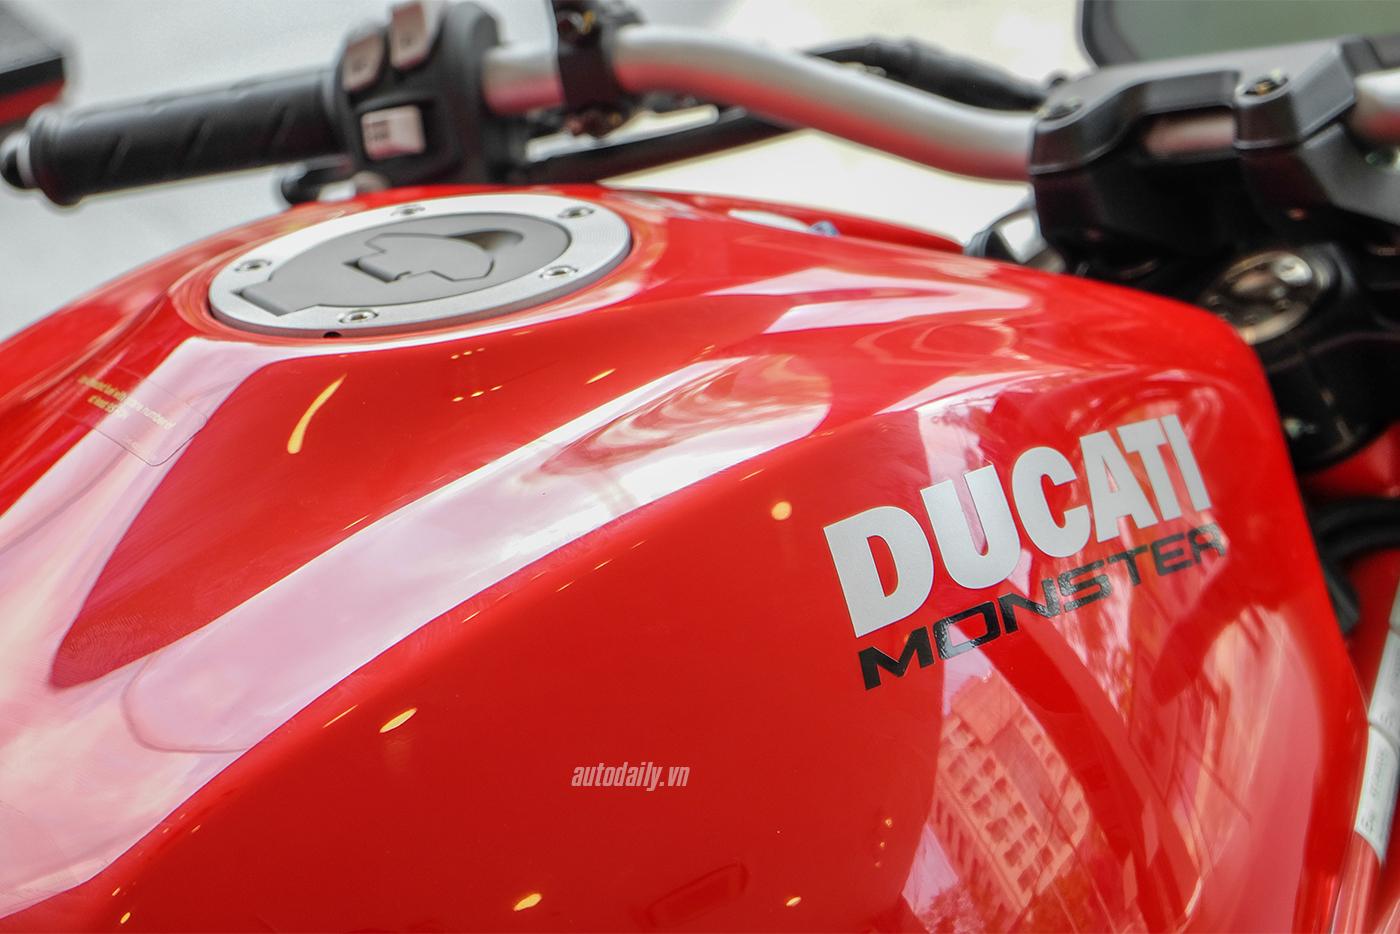 ducati-monster-797-18.jpg